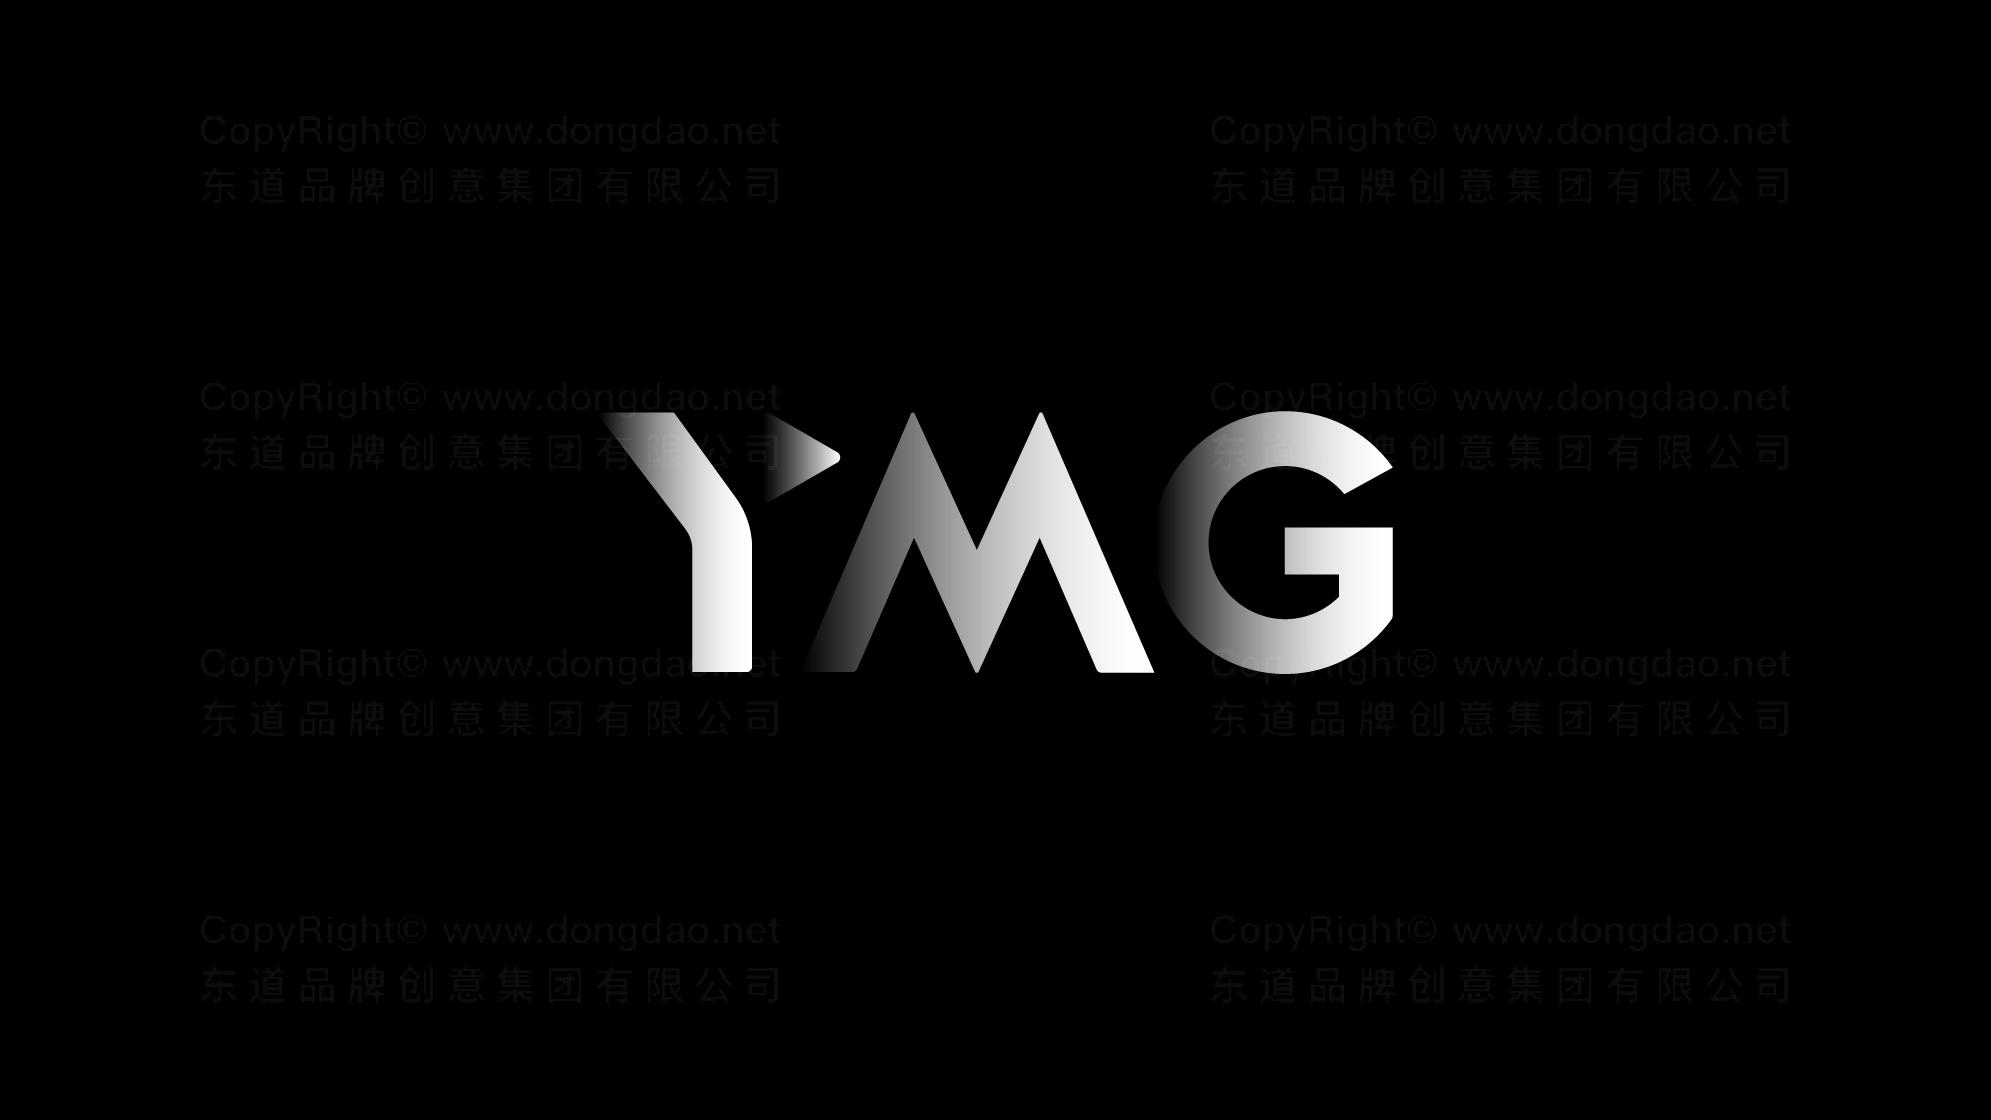 品牌设计余杭传媒logo设计、vi设计应用场景